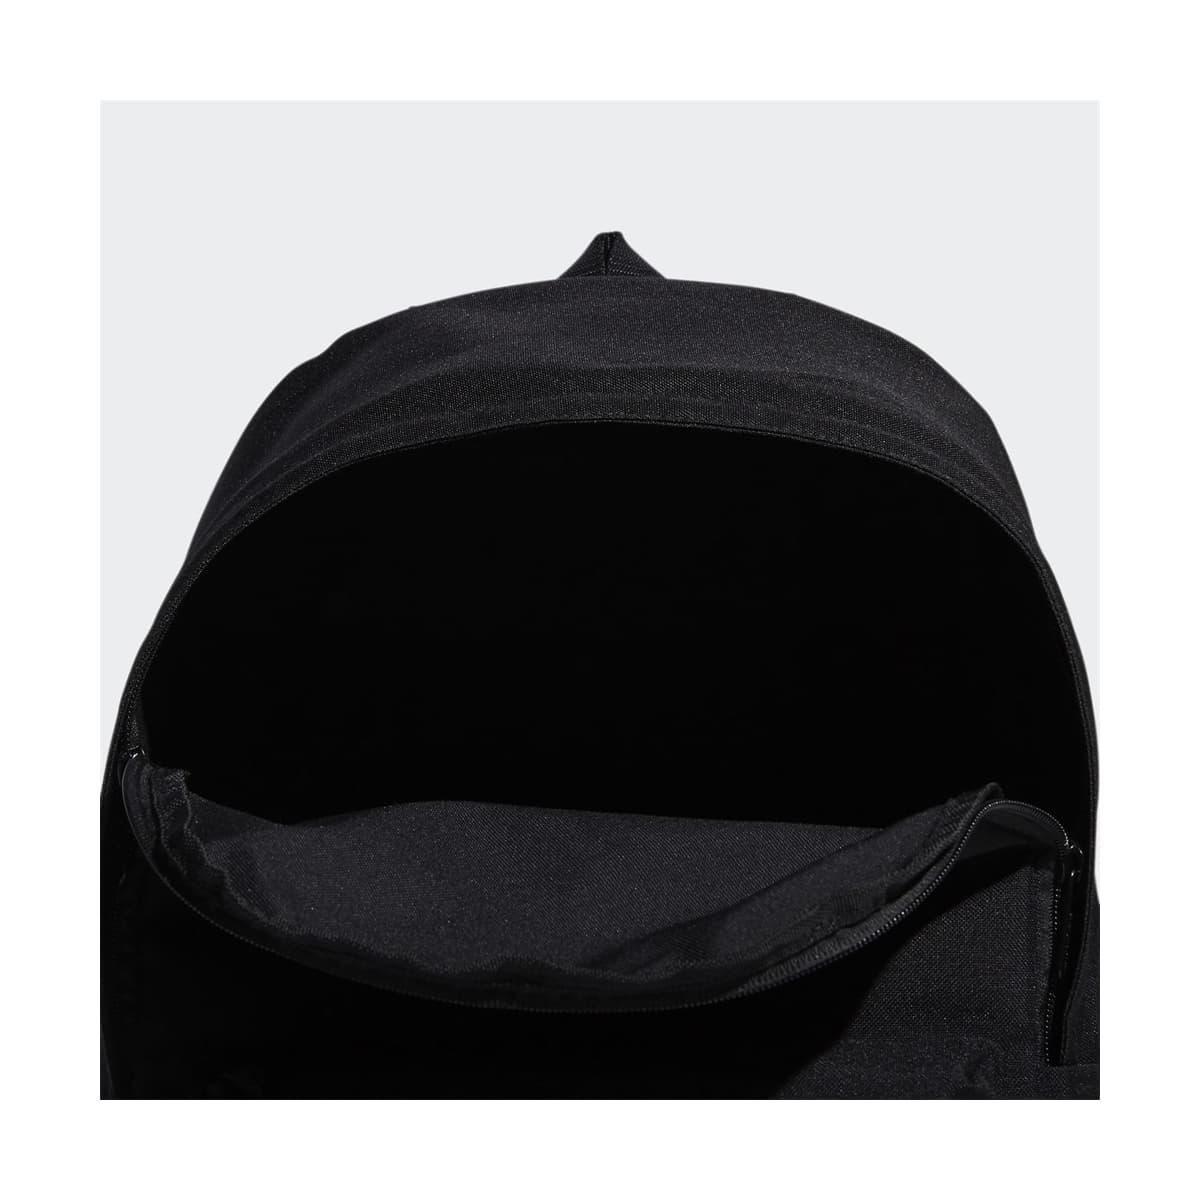 Classic Siyah Sırt Çantası (FL3716)